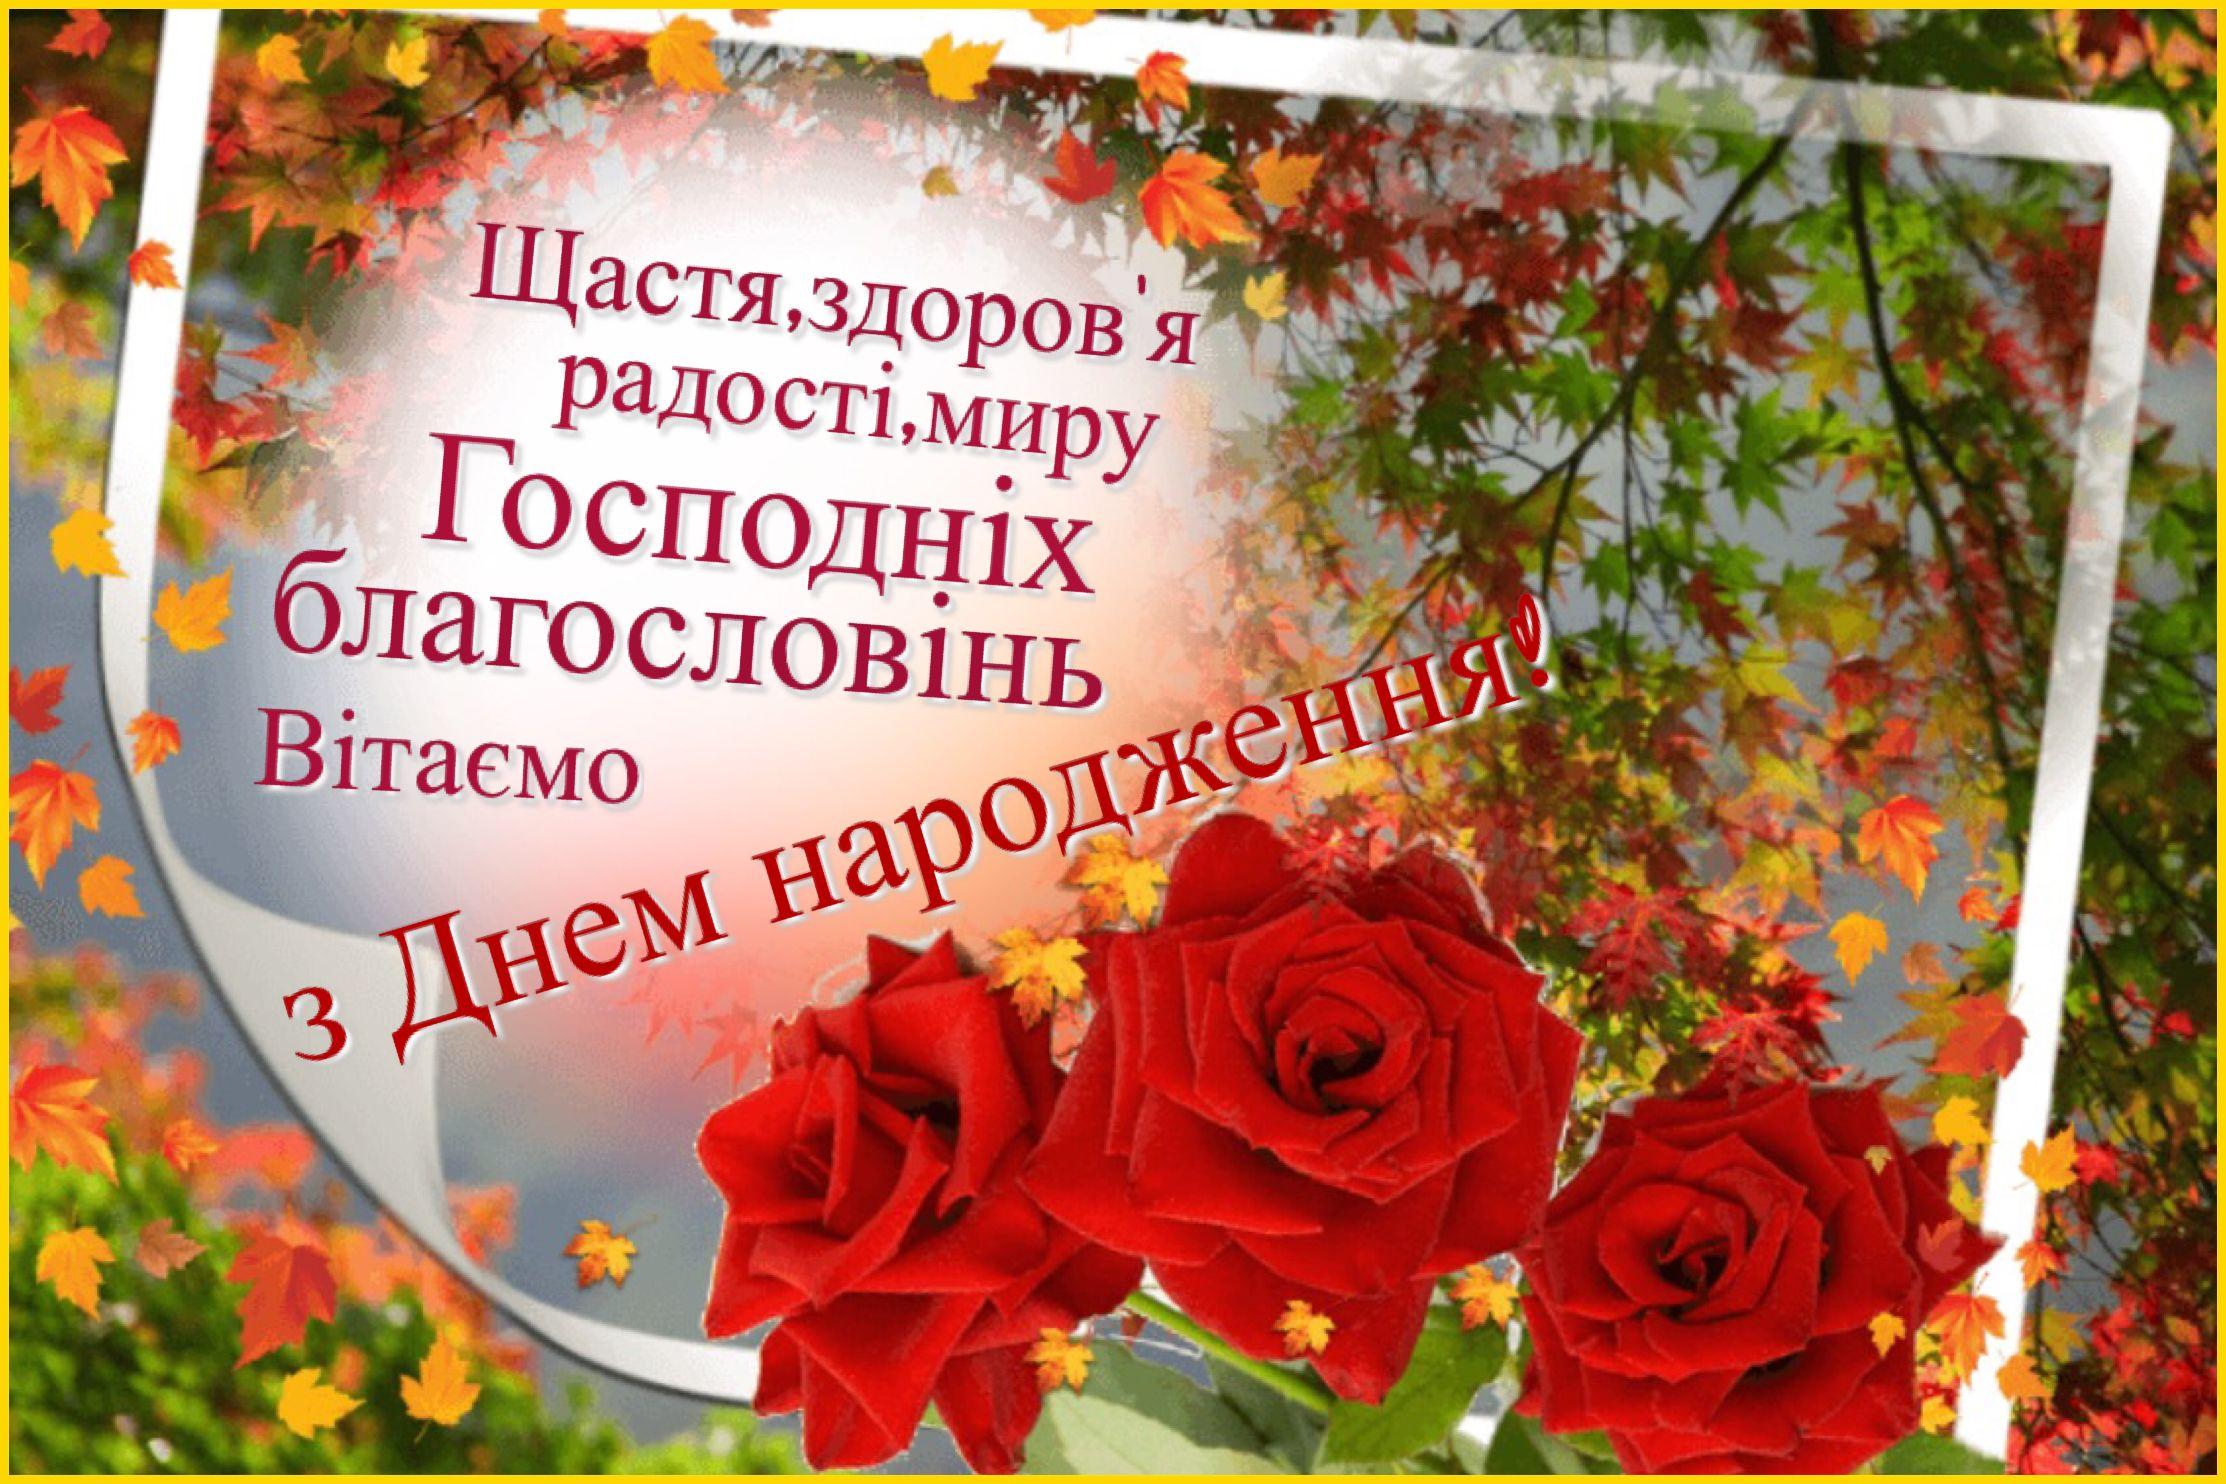 Z Dnem Narodzhennya S Izobrazheniyami S Dnem Rozhdeniya Pozhelaniya